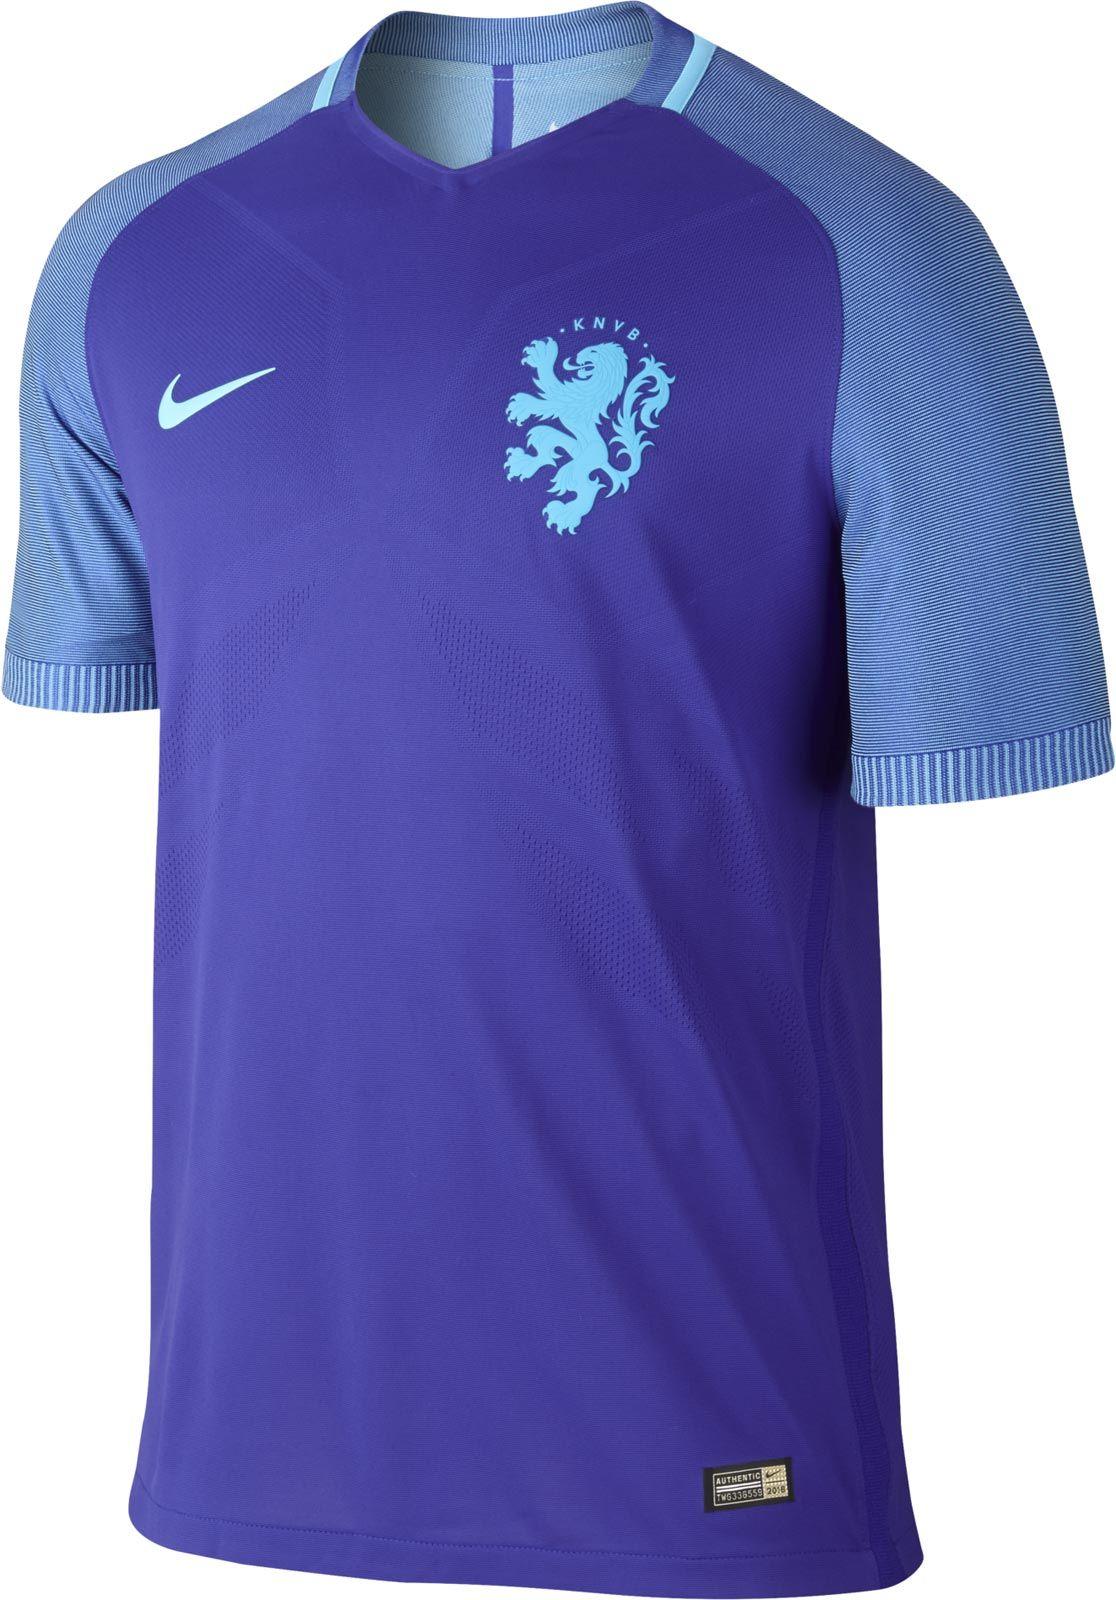 netherlands 2016 away kit released soccer